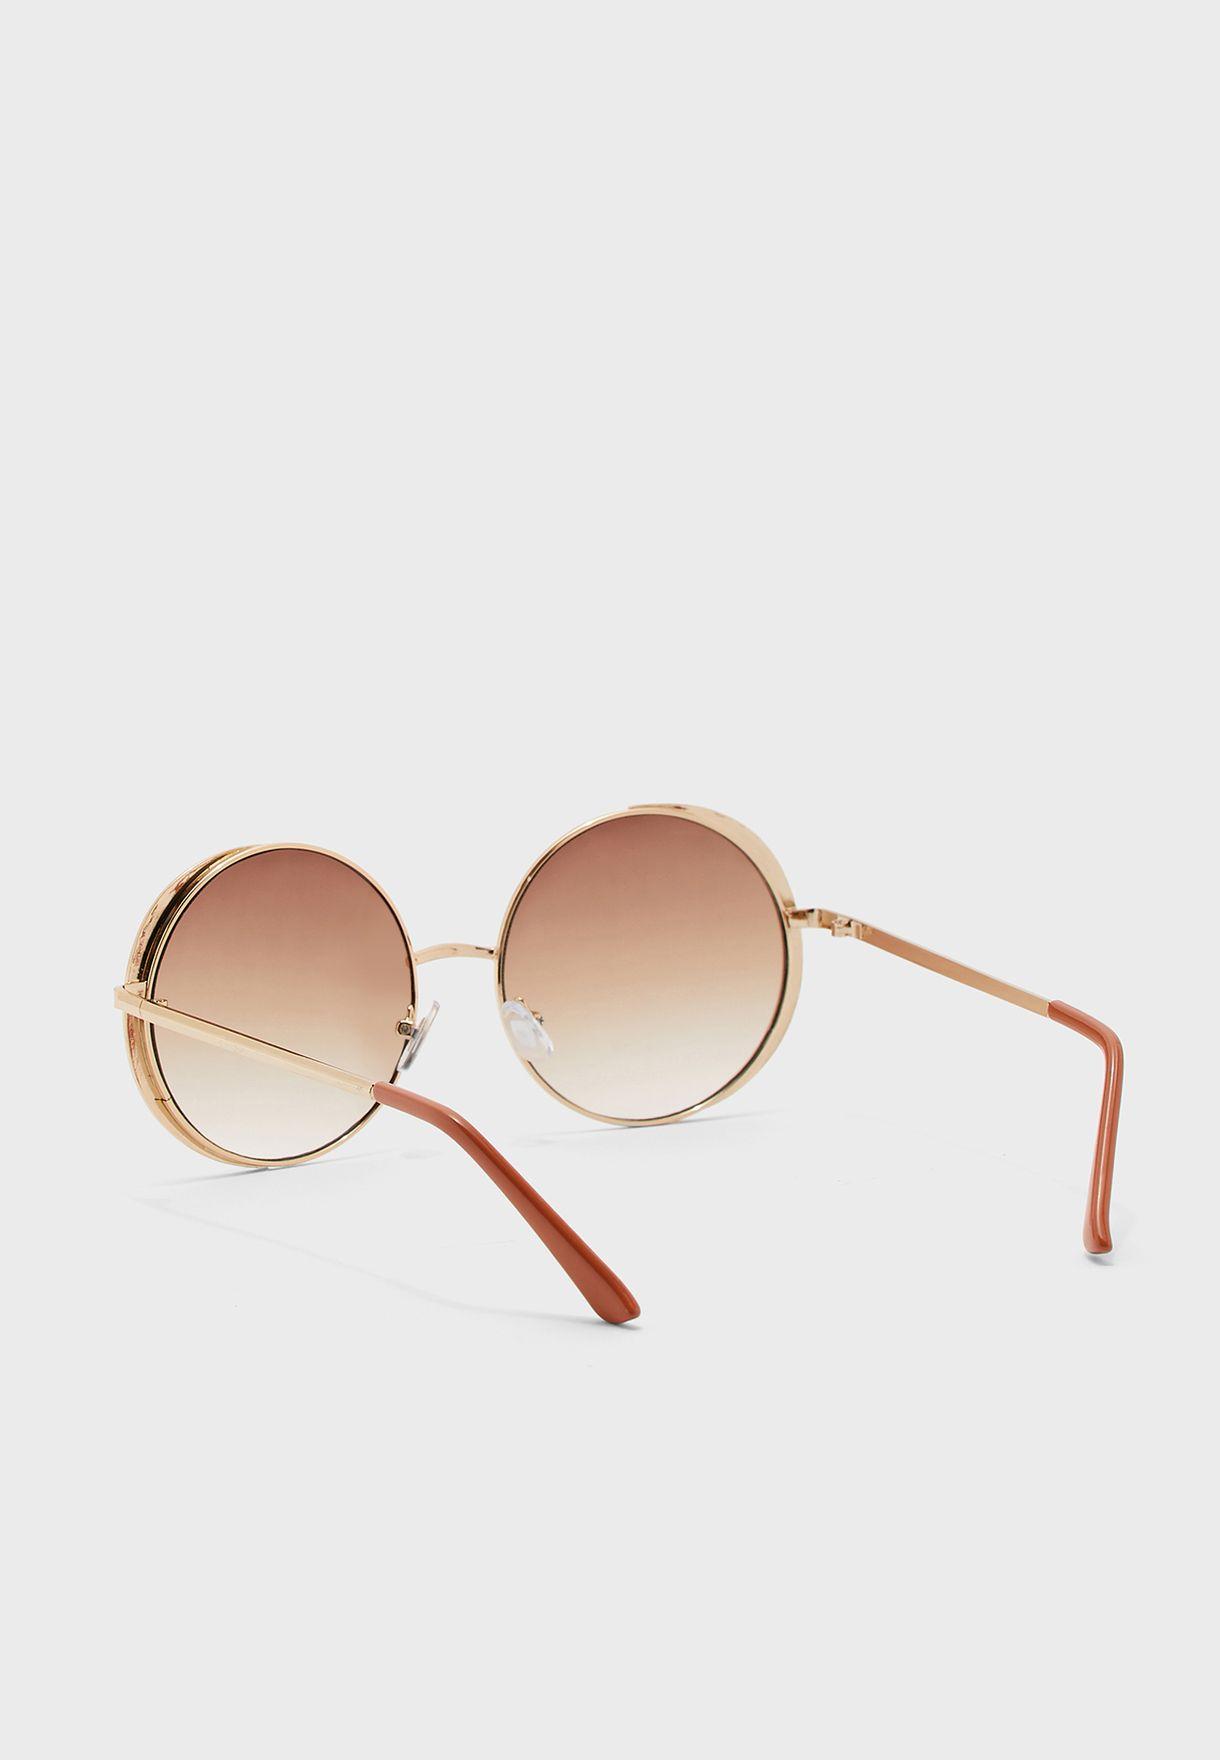 Gohlia Round Sunglasses